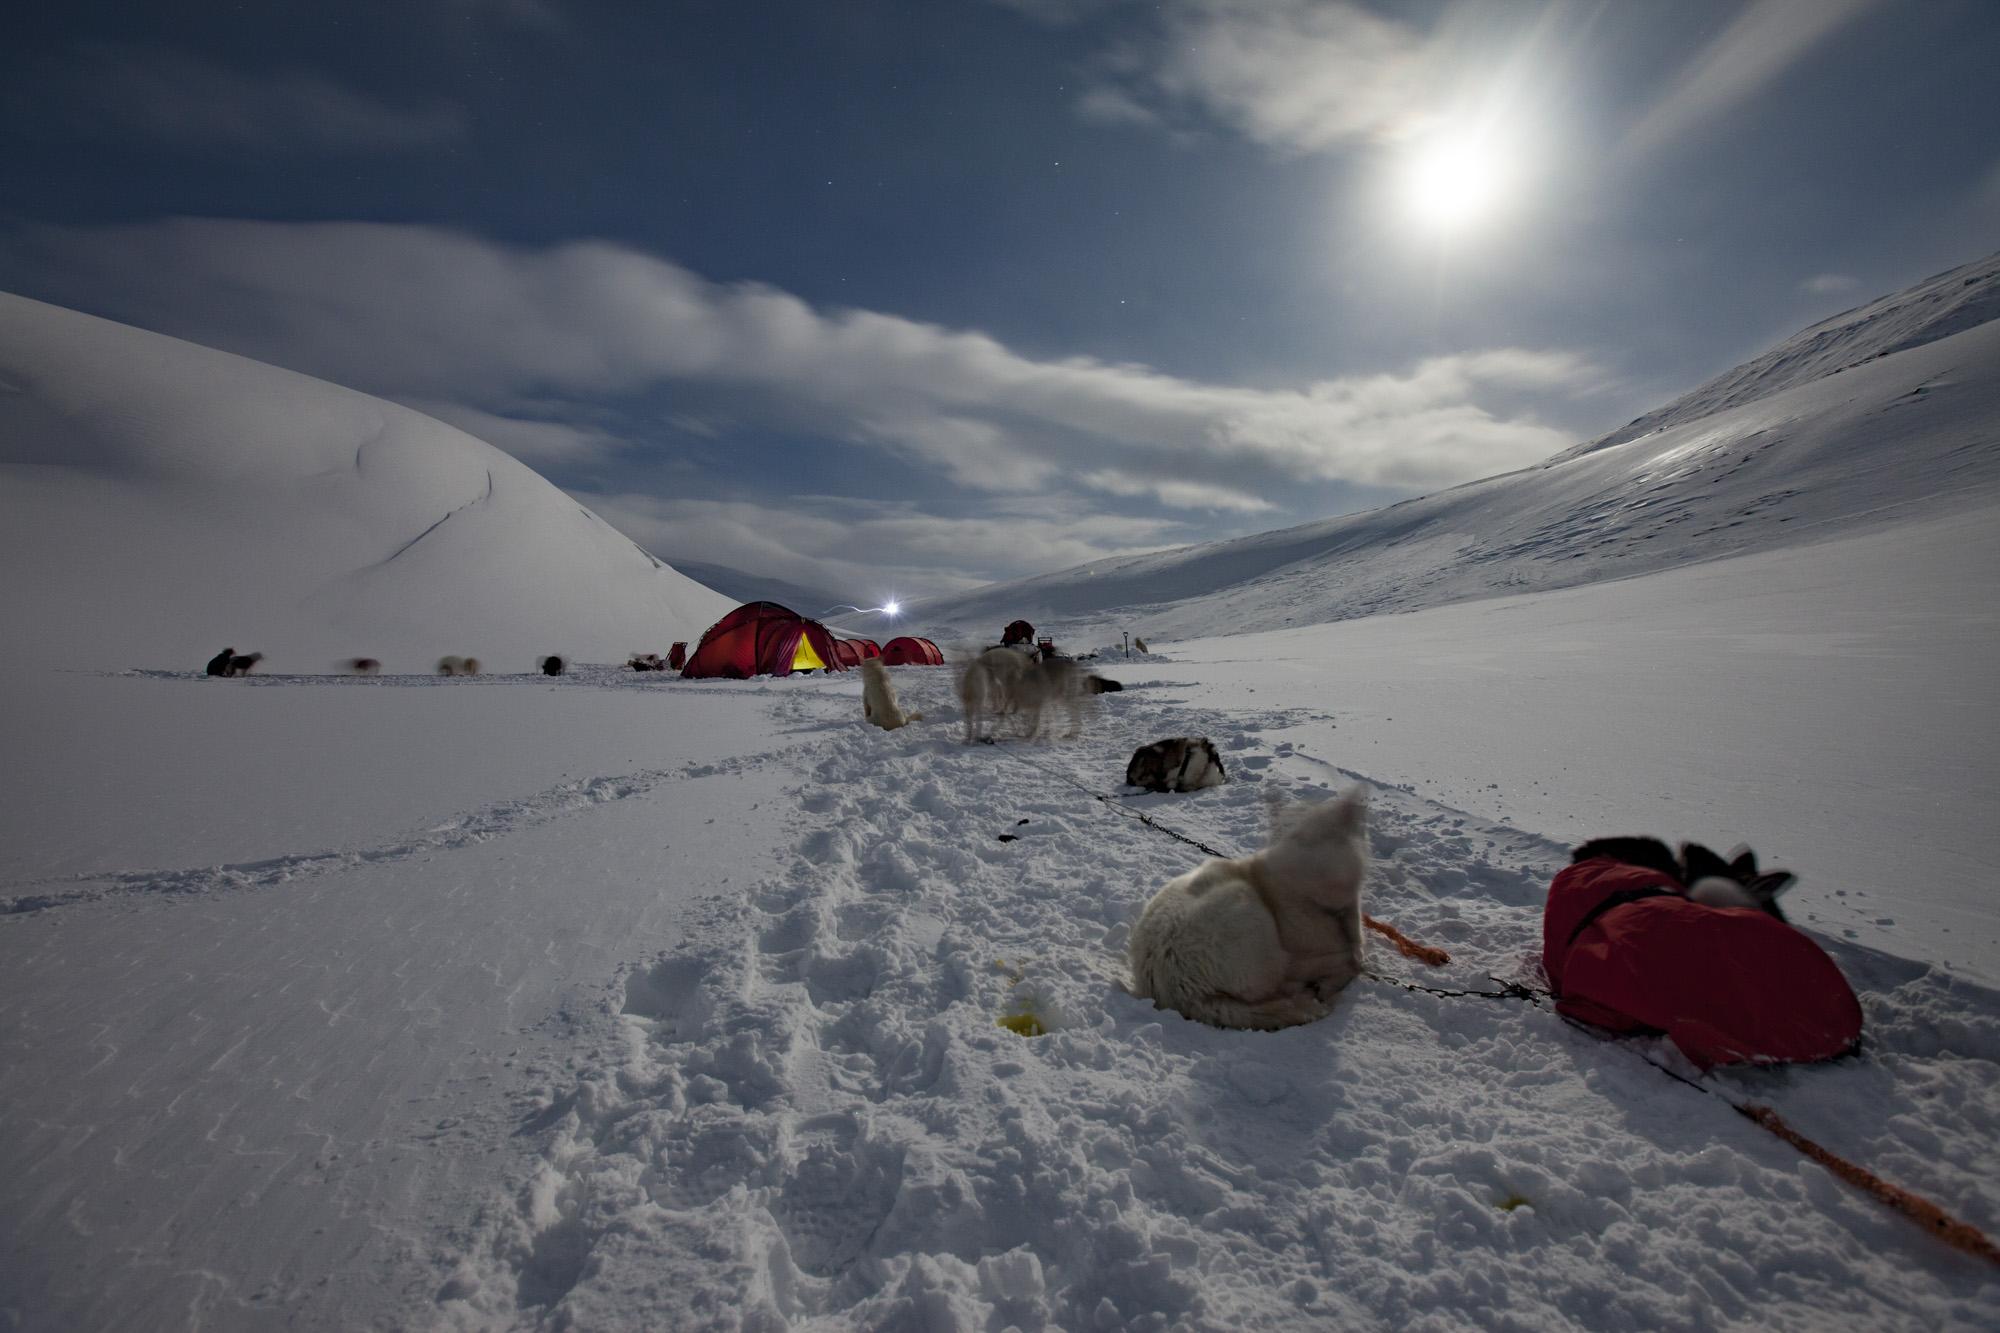 Zeltlager im Schnee bei Vollmond, Spitzbergen